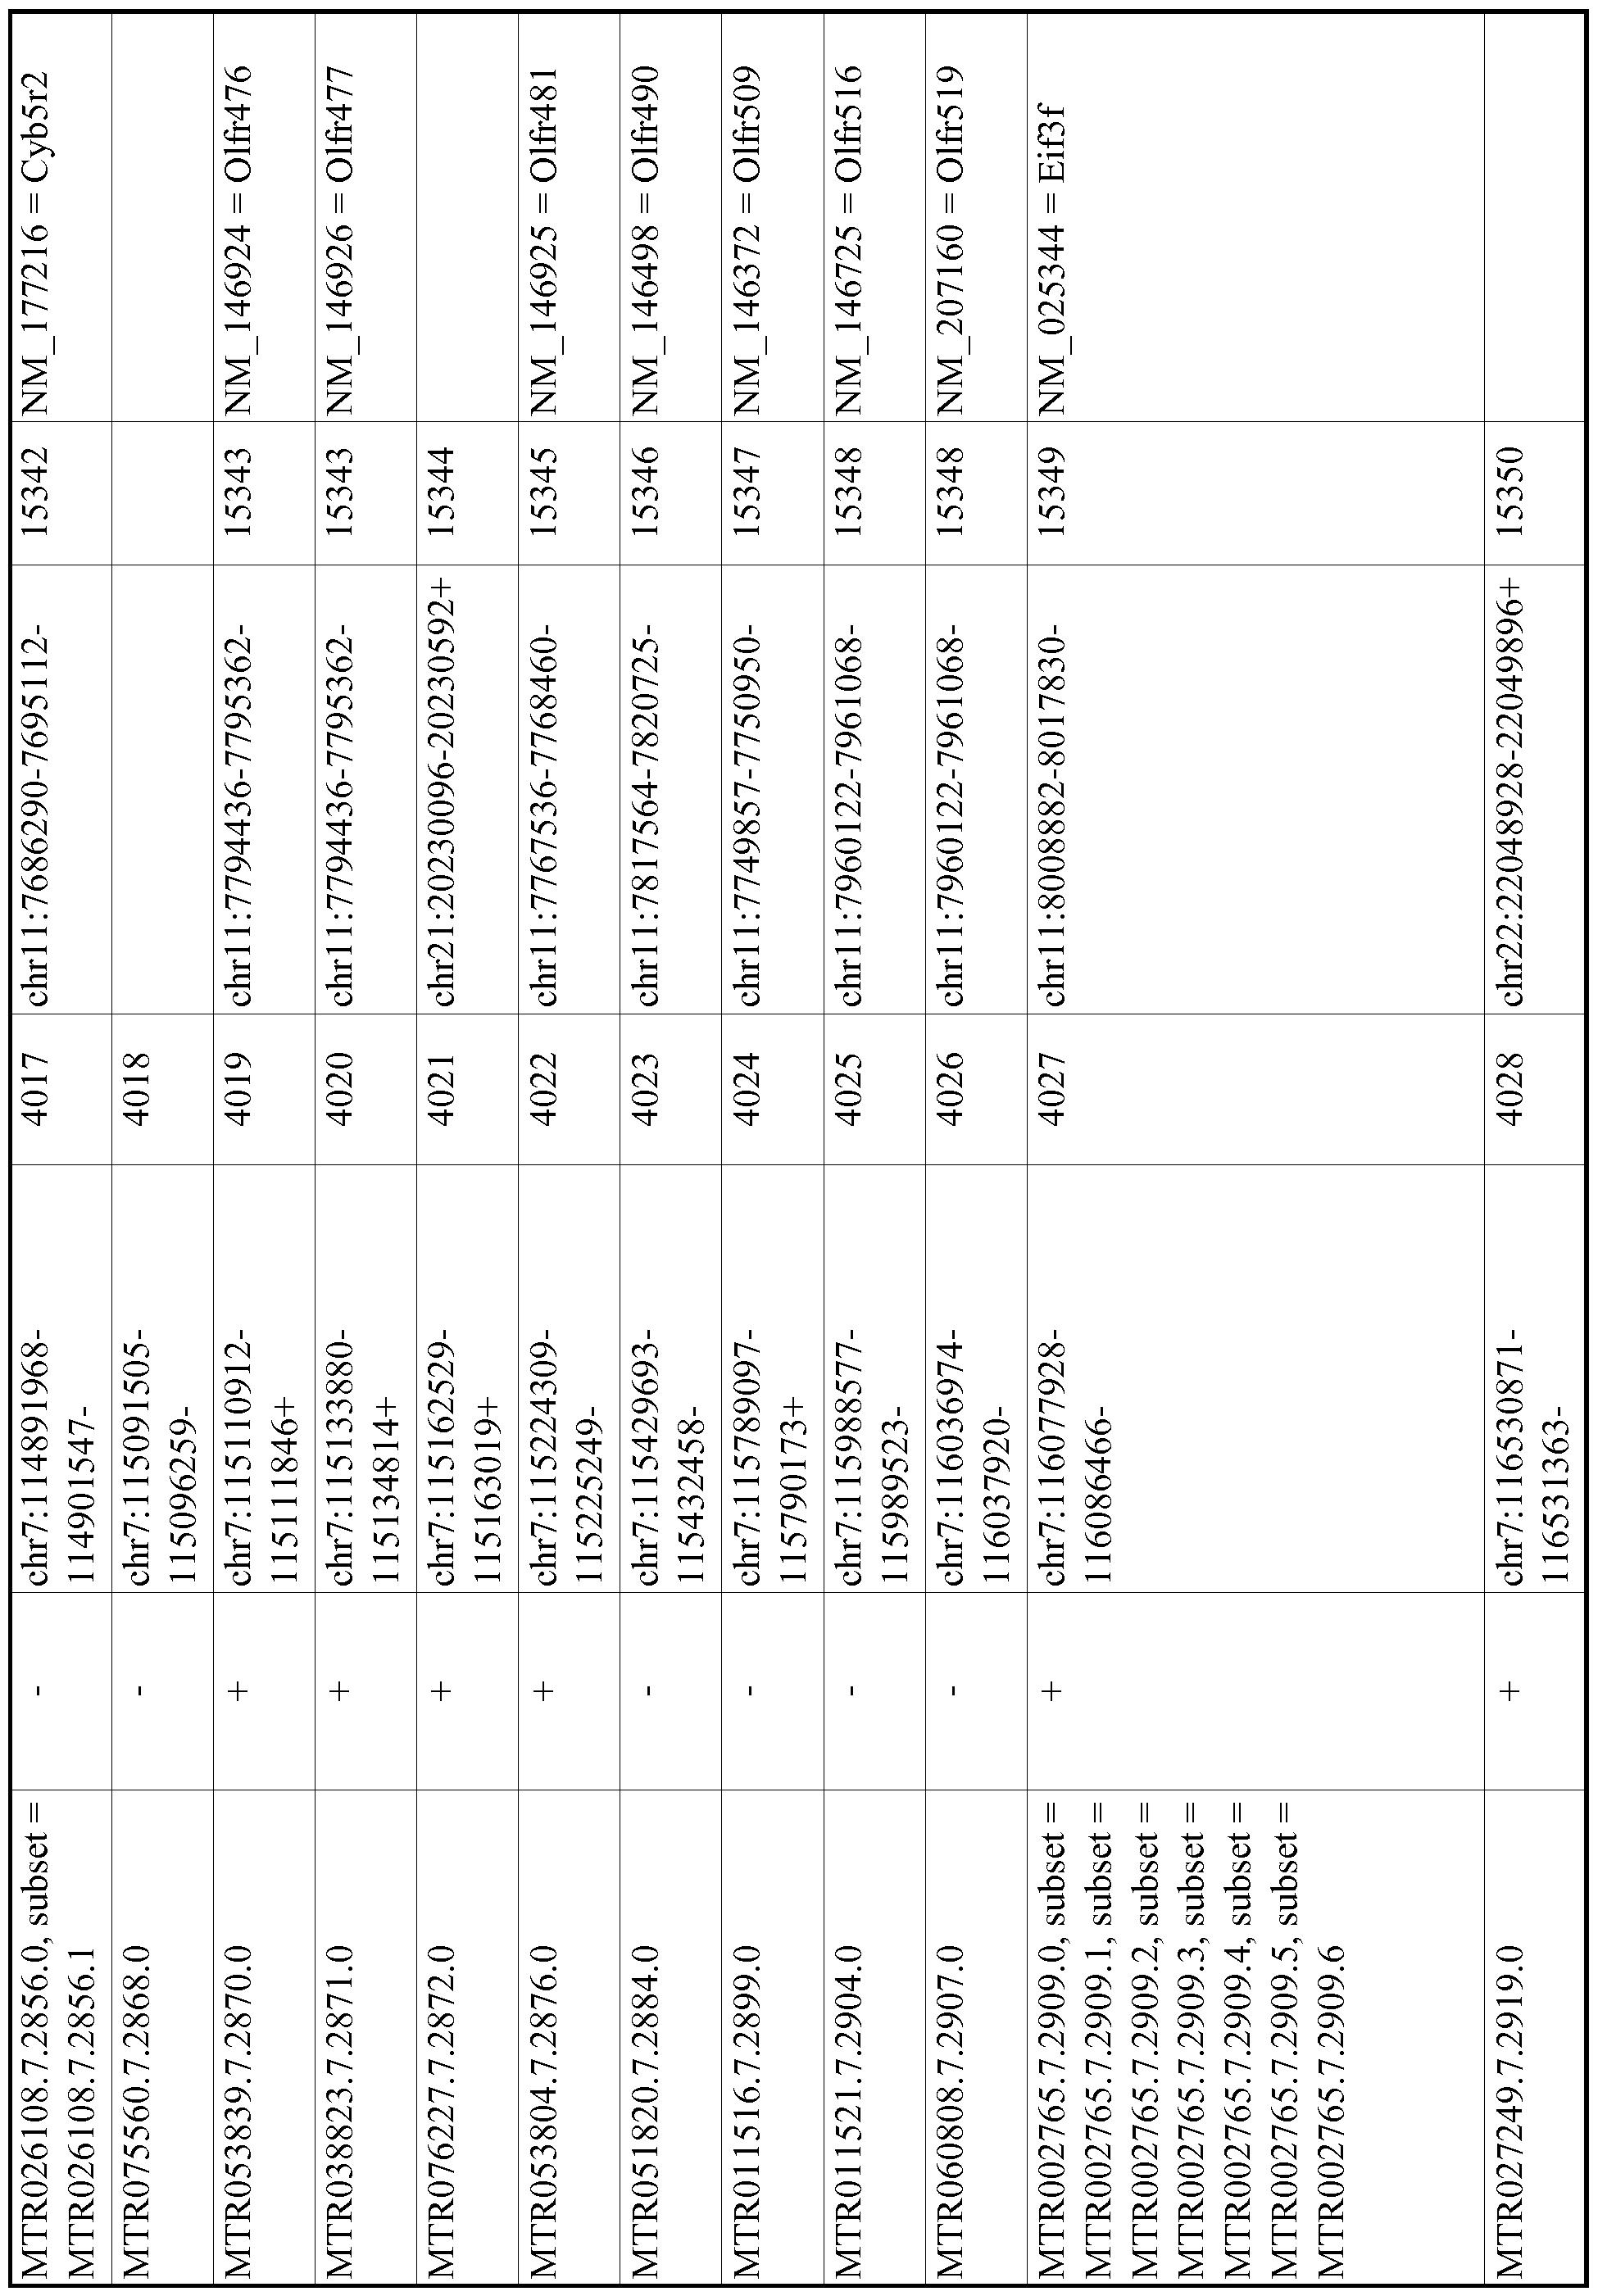 Figure imgf000764_0001